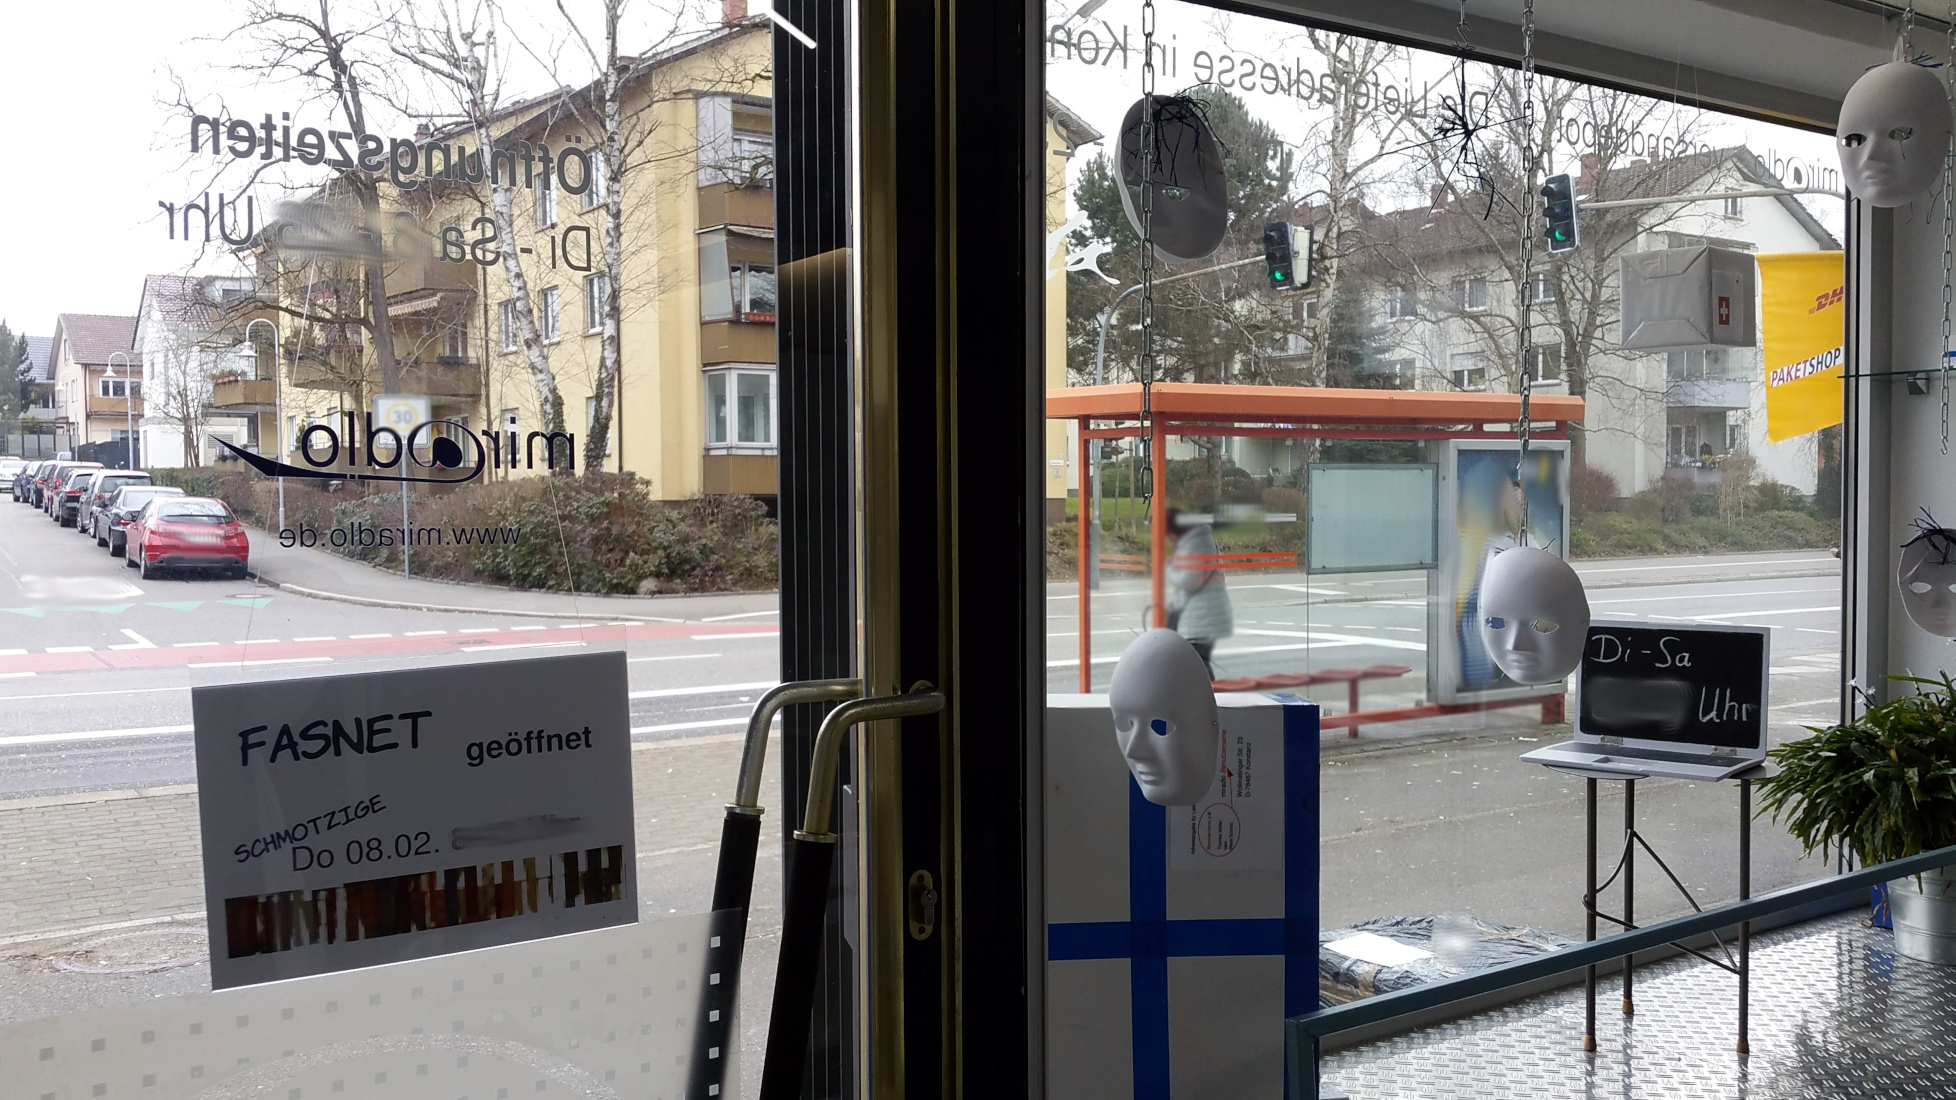 Fasnet - am Schmotzige ab 12 Uhr geschlossen - miradlo Versanddepot - Konstanz